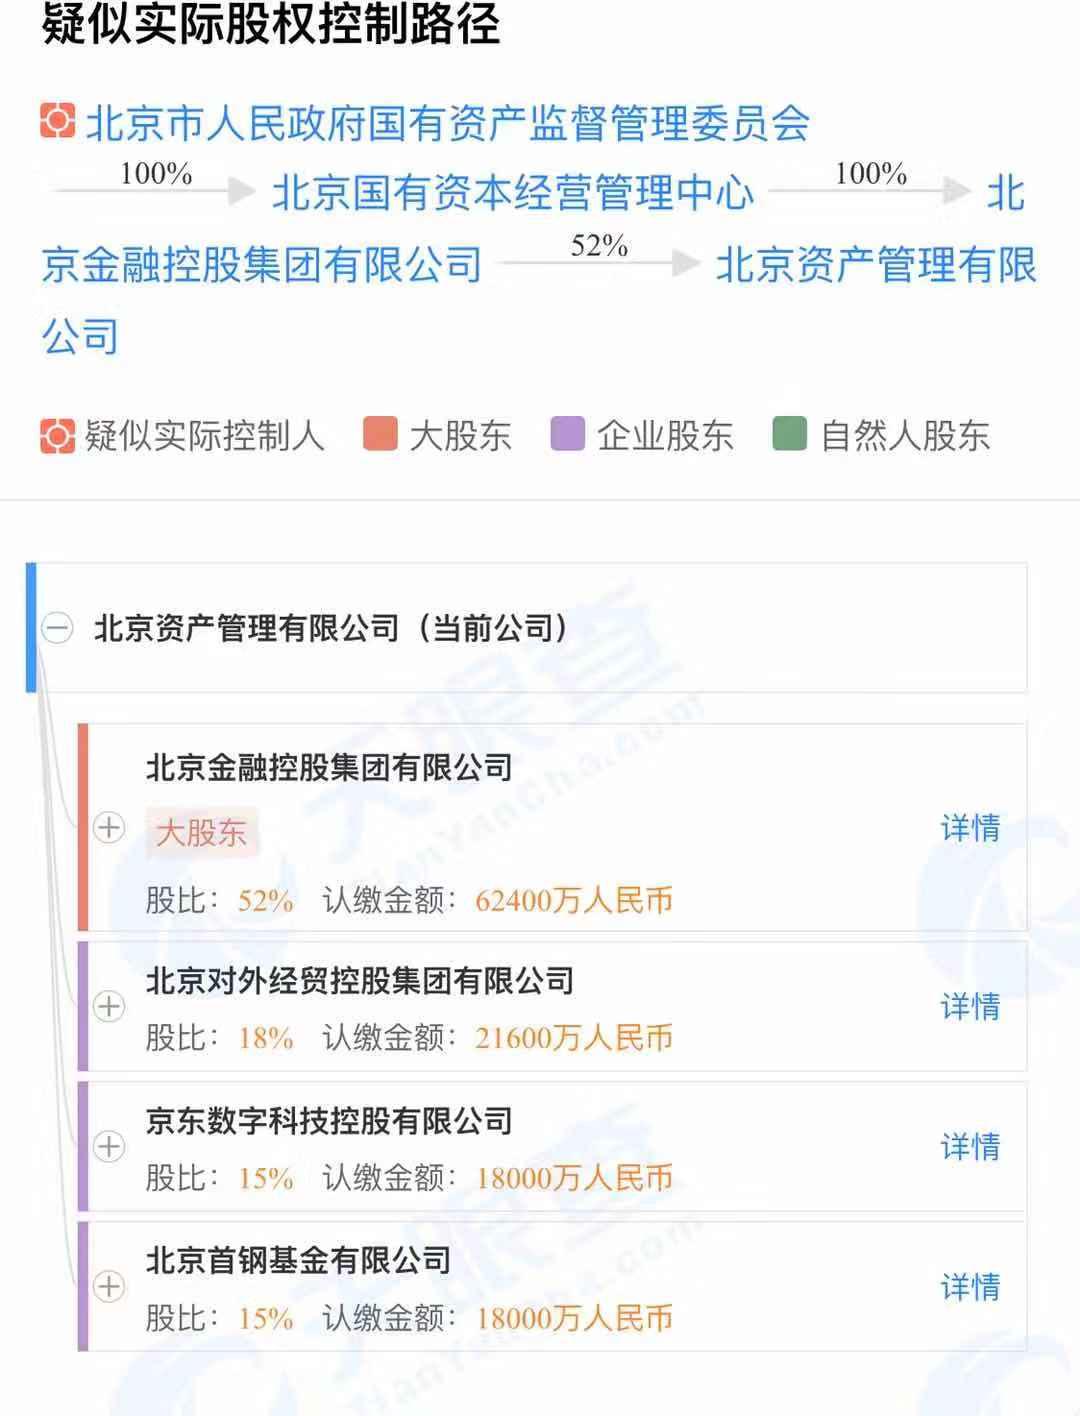 中信银行广州金融科技赋能教育机构实现停课不停学